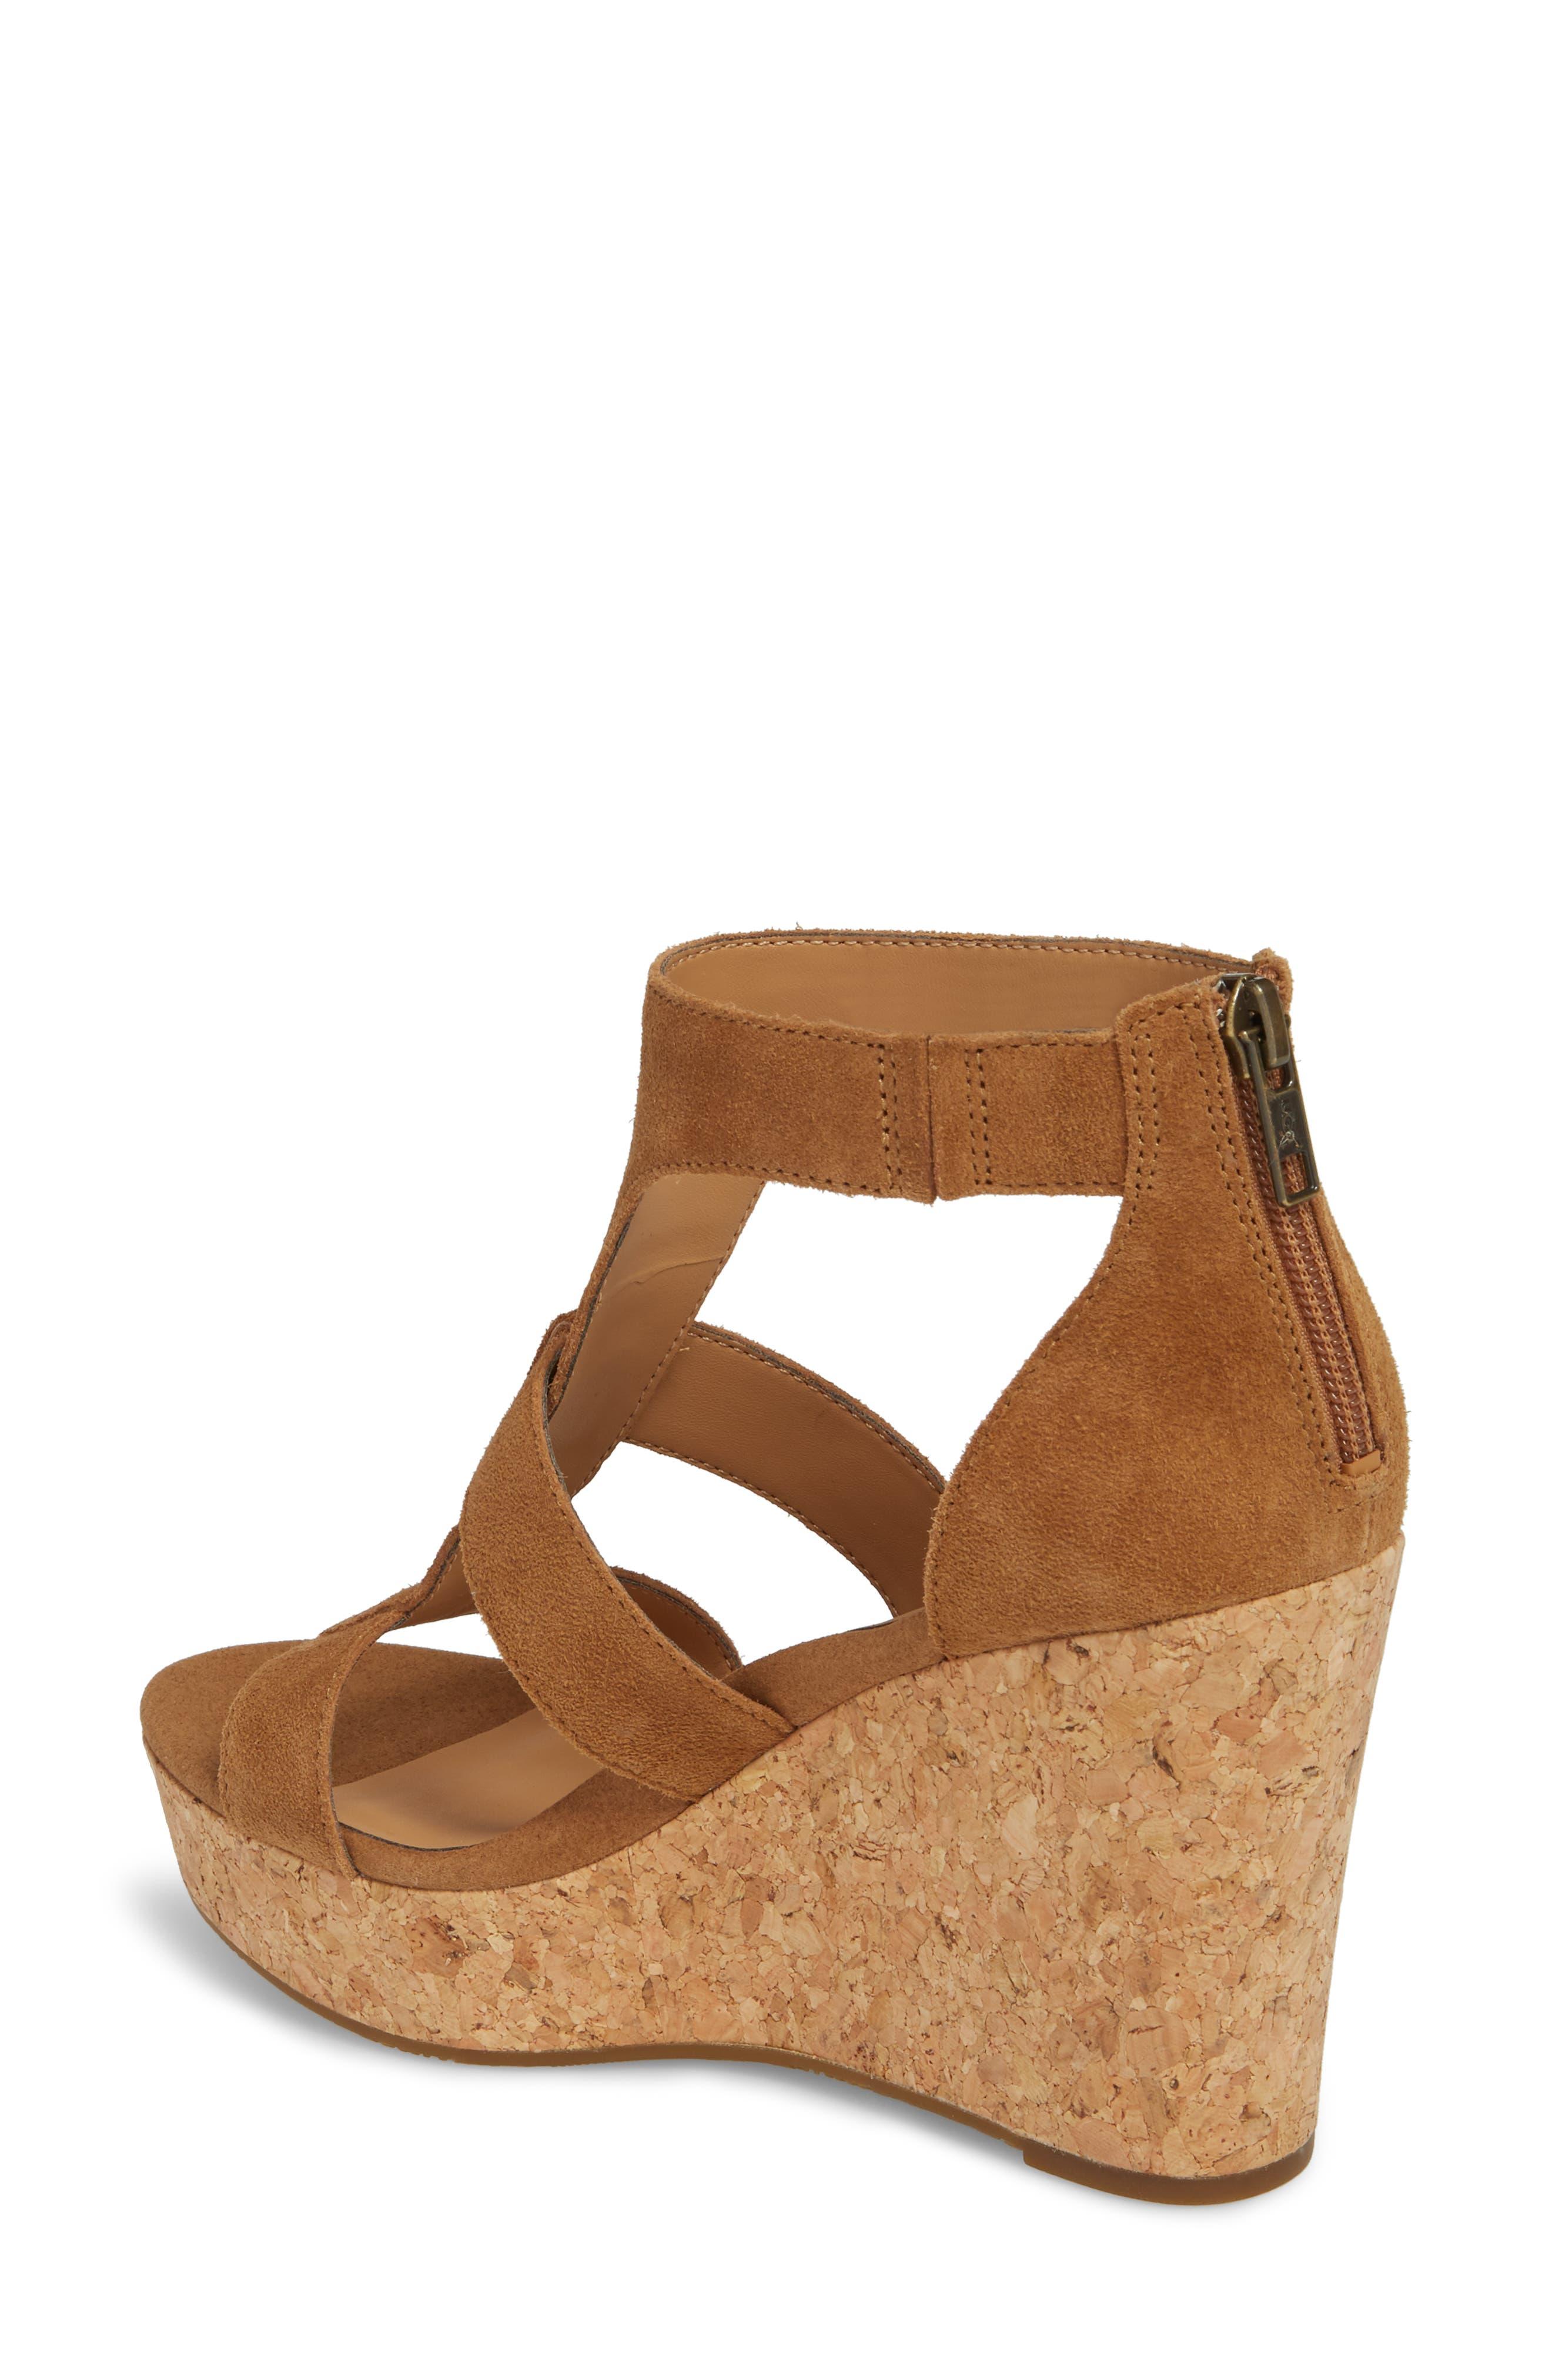 Whitney Platform Wedge Sandal,                             Alternate thumbnail 2, color,                             Chestnut